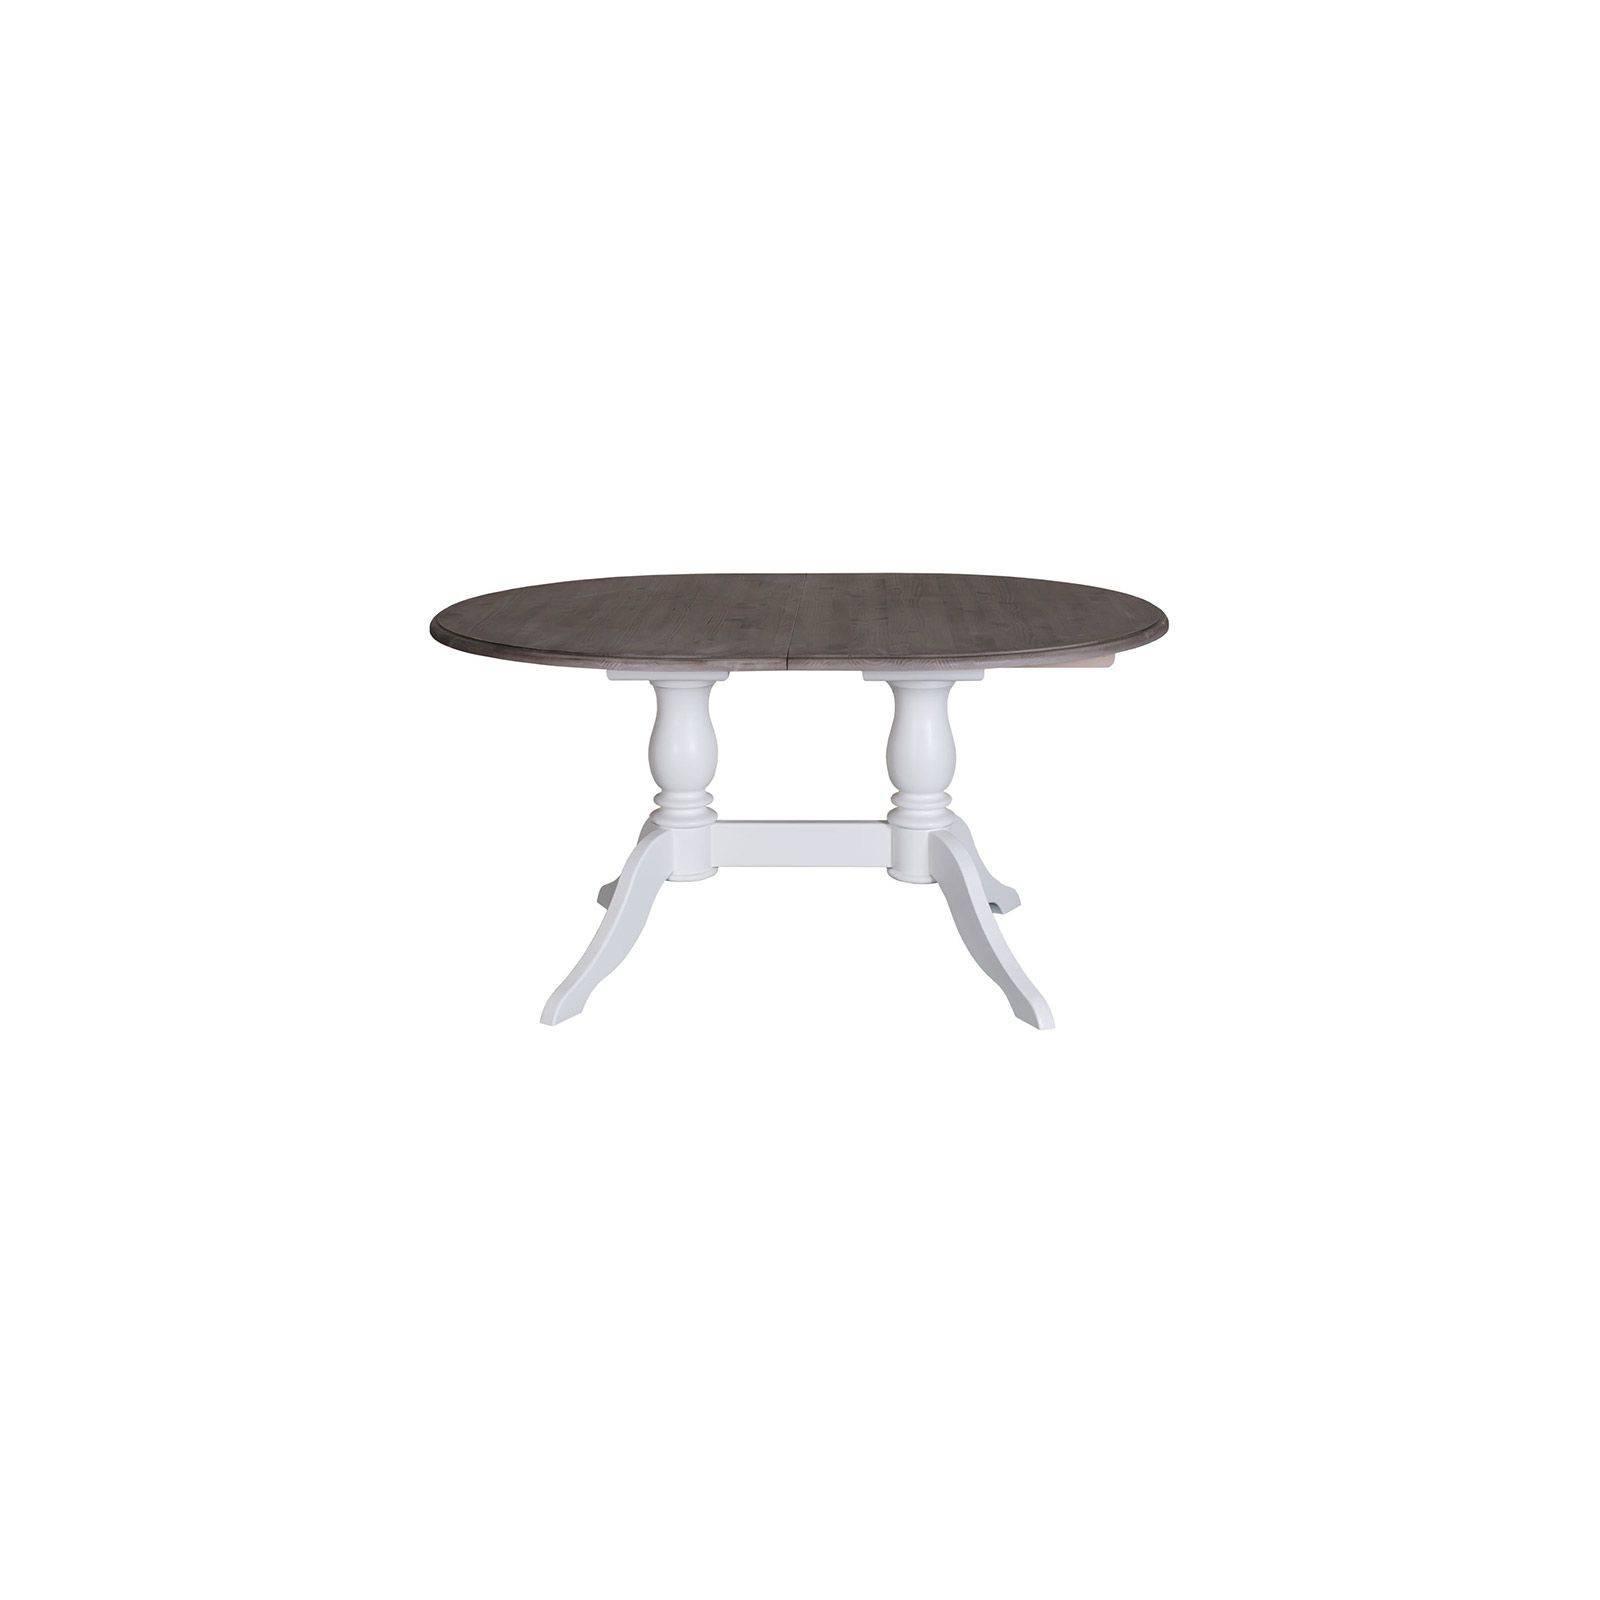 Table de repas double pied ovale Riviera - Mobilier de séjour tendance charme